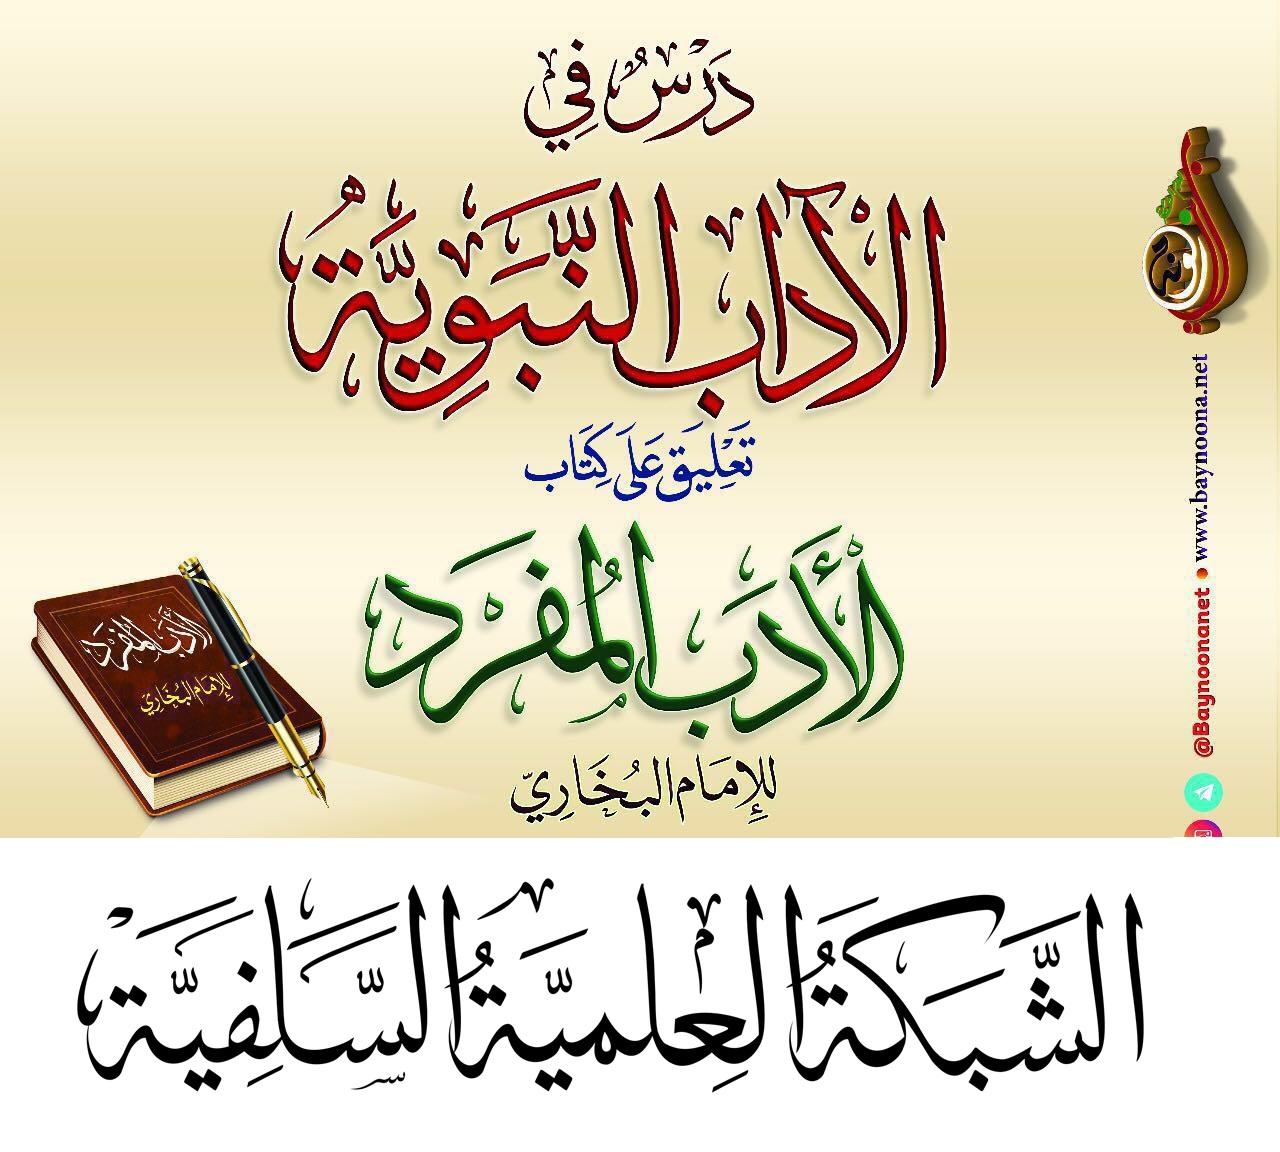 التعليق على كتاب (الأدب المفرد للإمام البخاري)